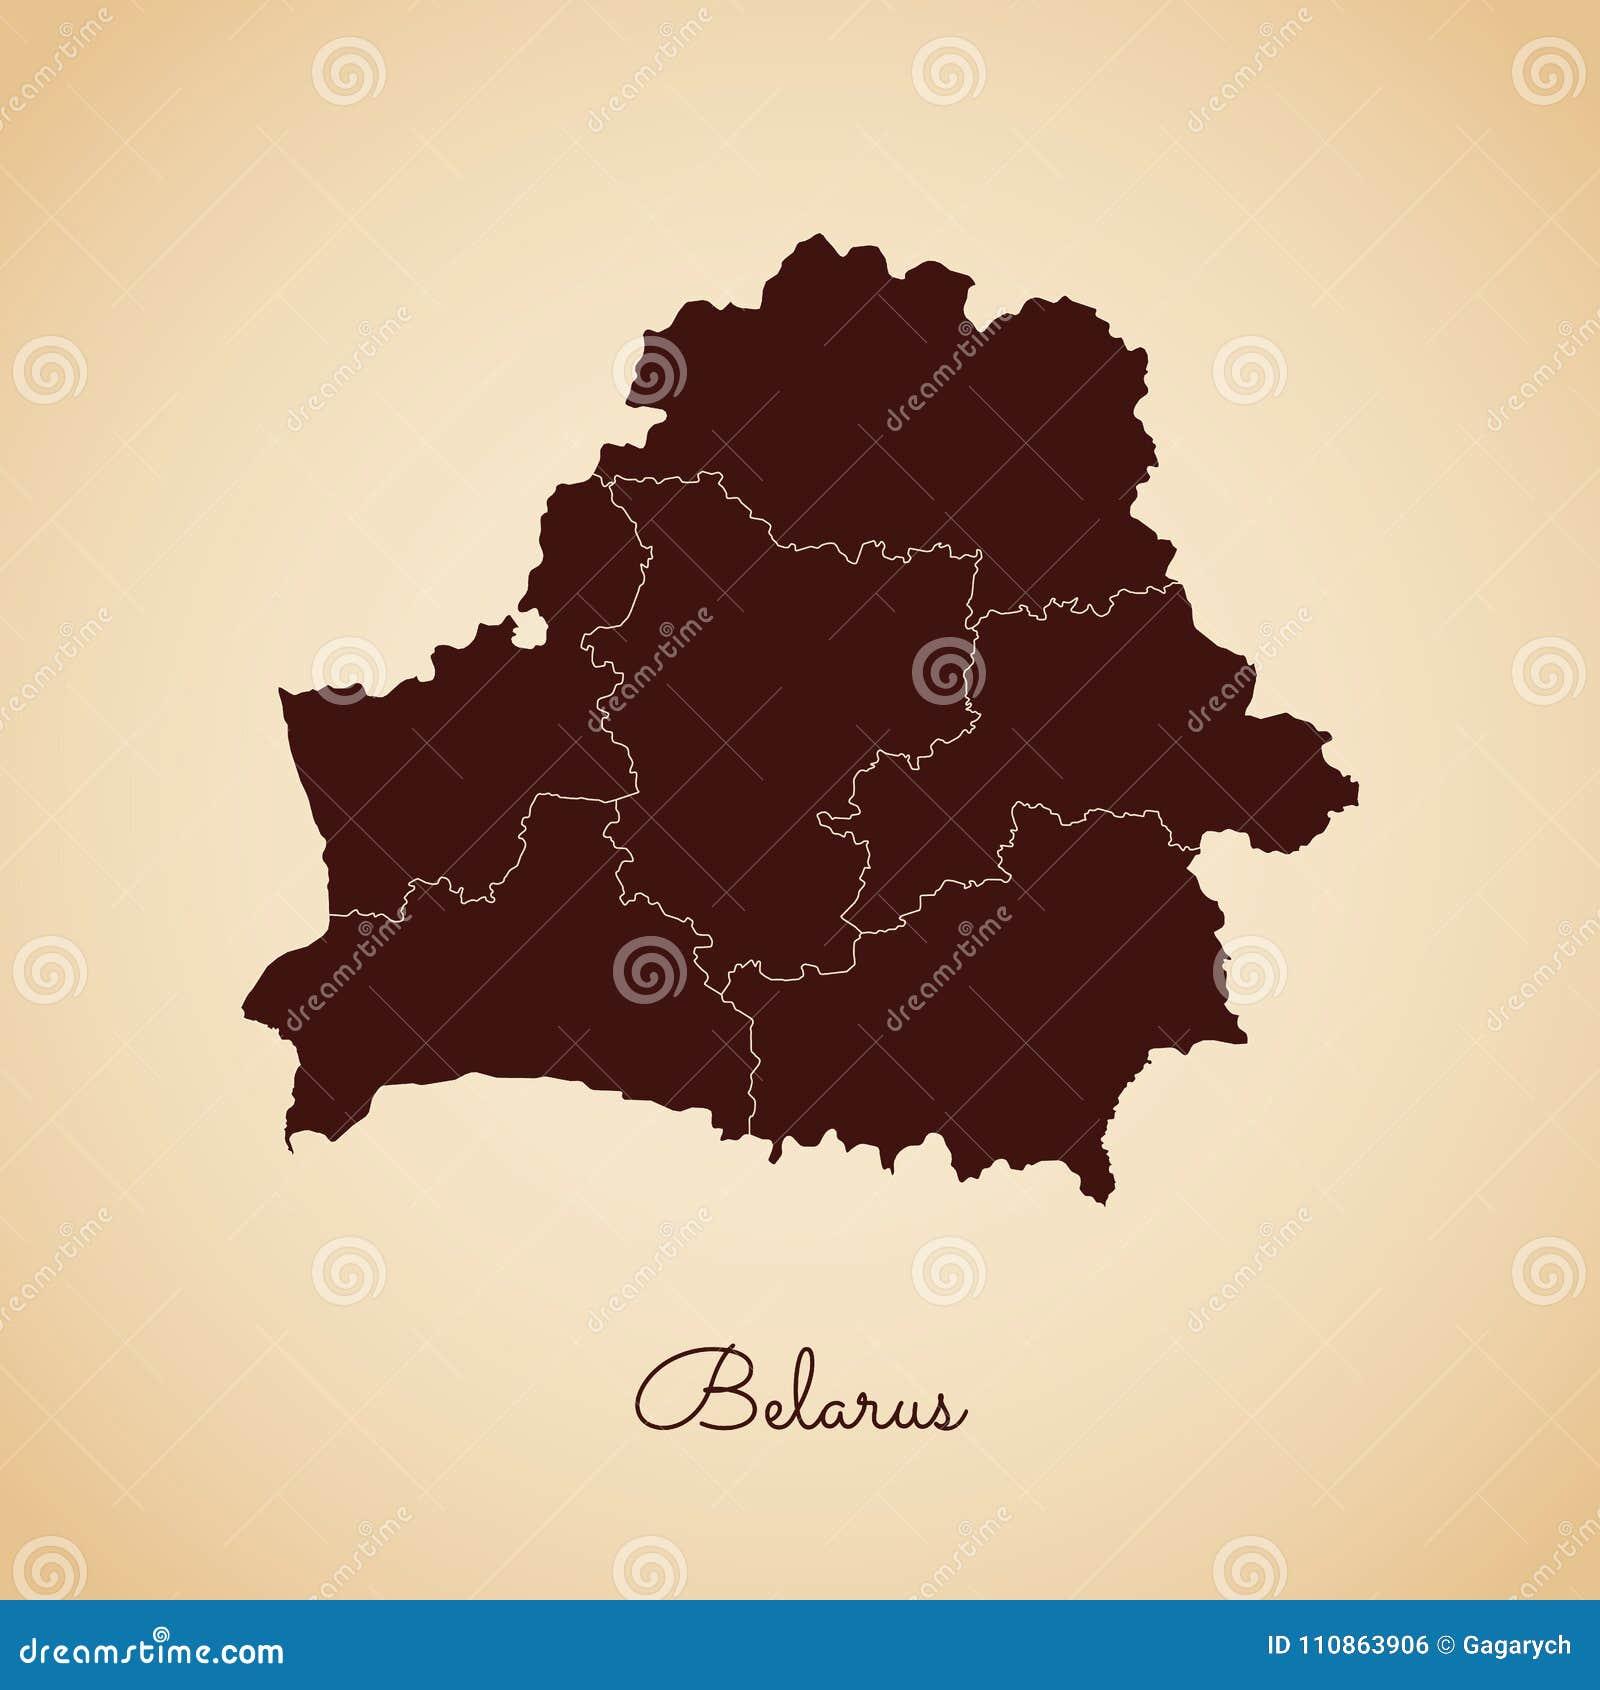 Weißrussland-Regionskarte: brauner Entwurf des Retrostils an